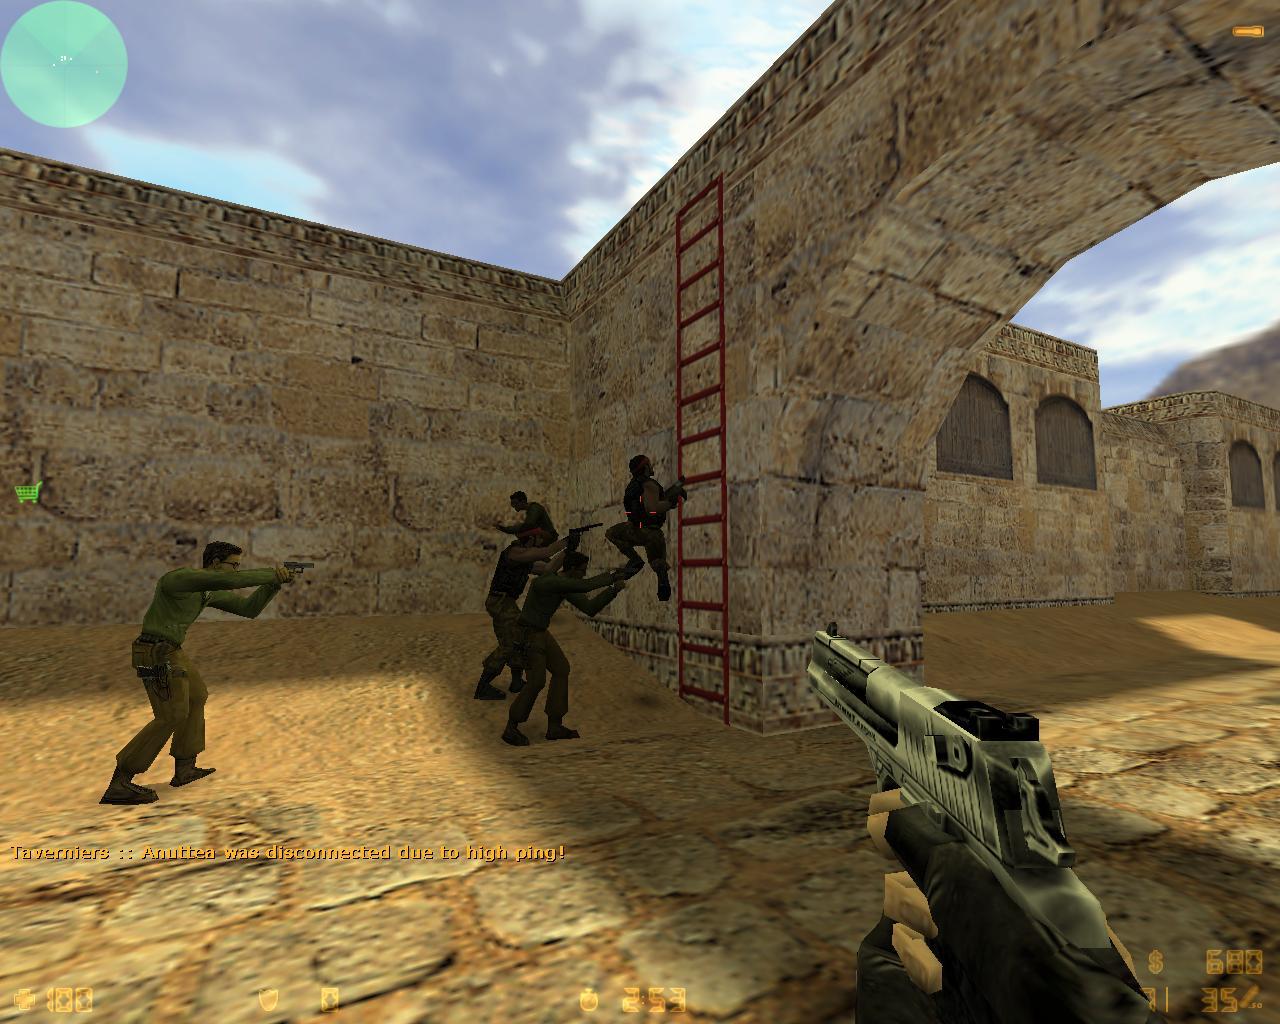 Counter Strike 1.6 Free Download Full Version PC Game ~ SoftwaresPlus